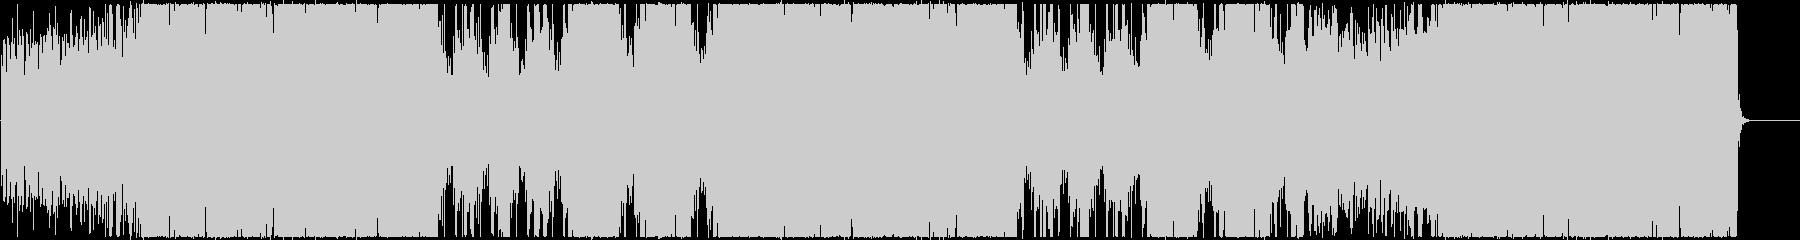 クールで重厚なエレクトロBGMの未再生の波形